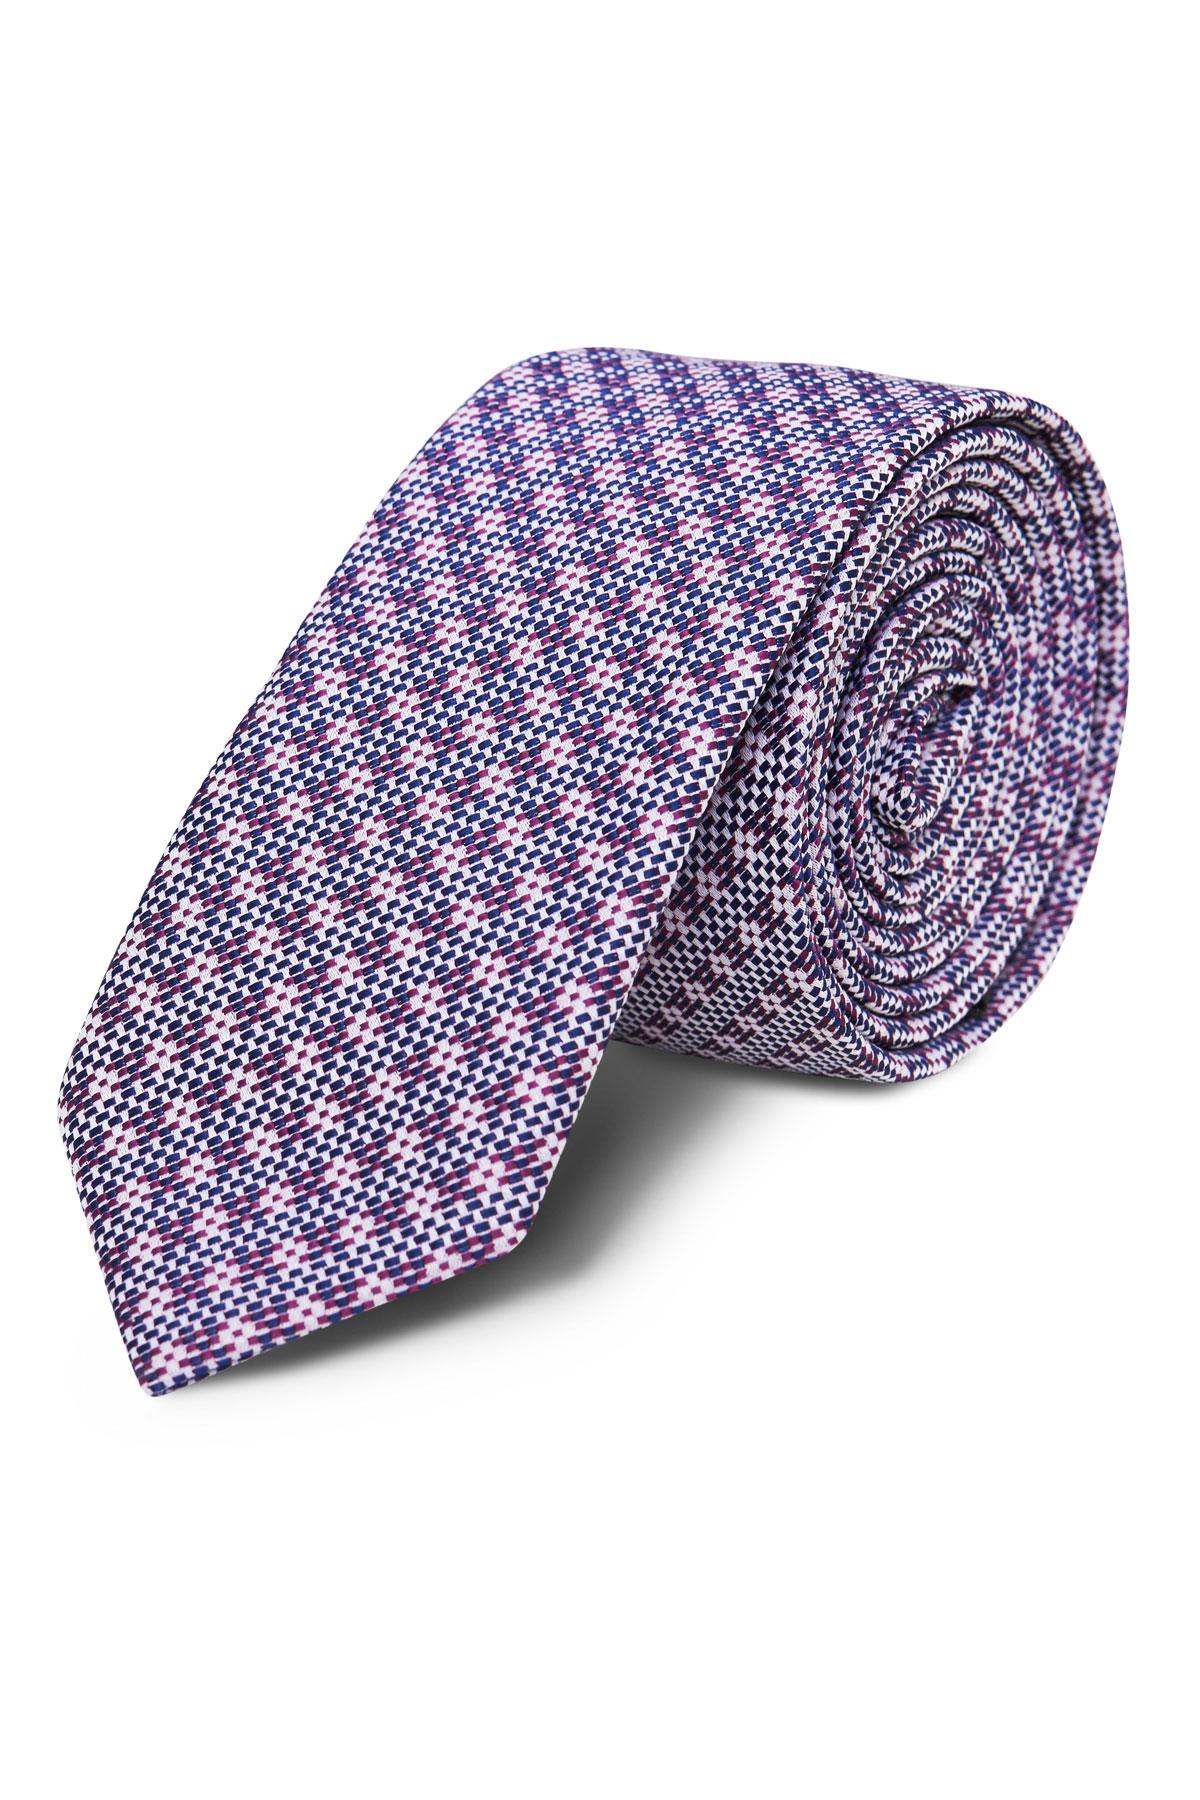 Галстук фиолетовый текстурный 18-03-49